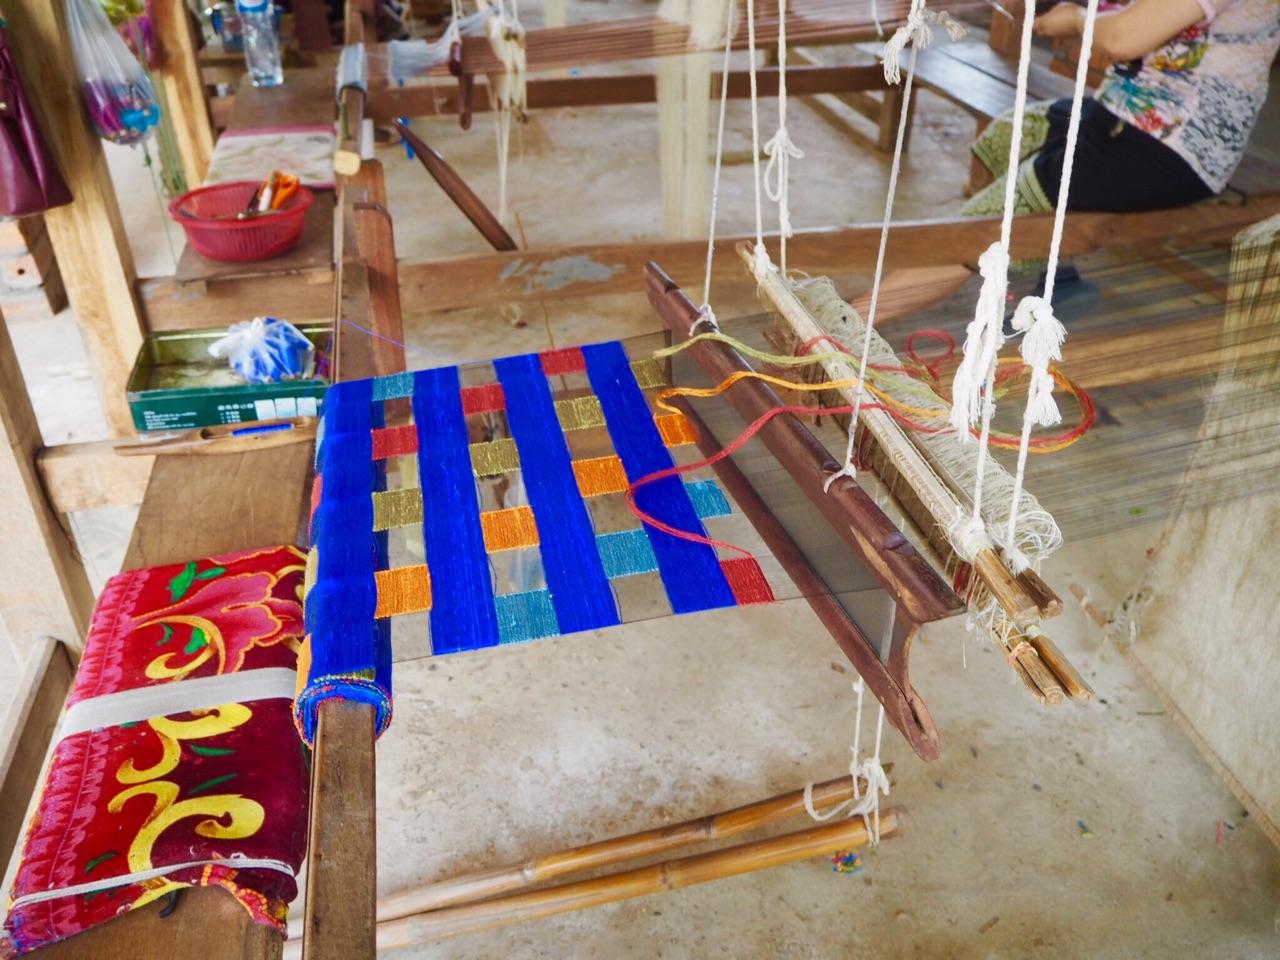 ルアンパバン対岸の村、焼き物の村、織物の村、未開発の村 見学